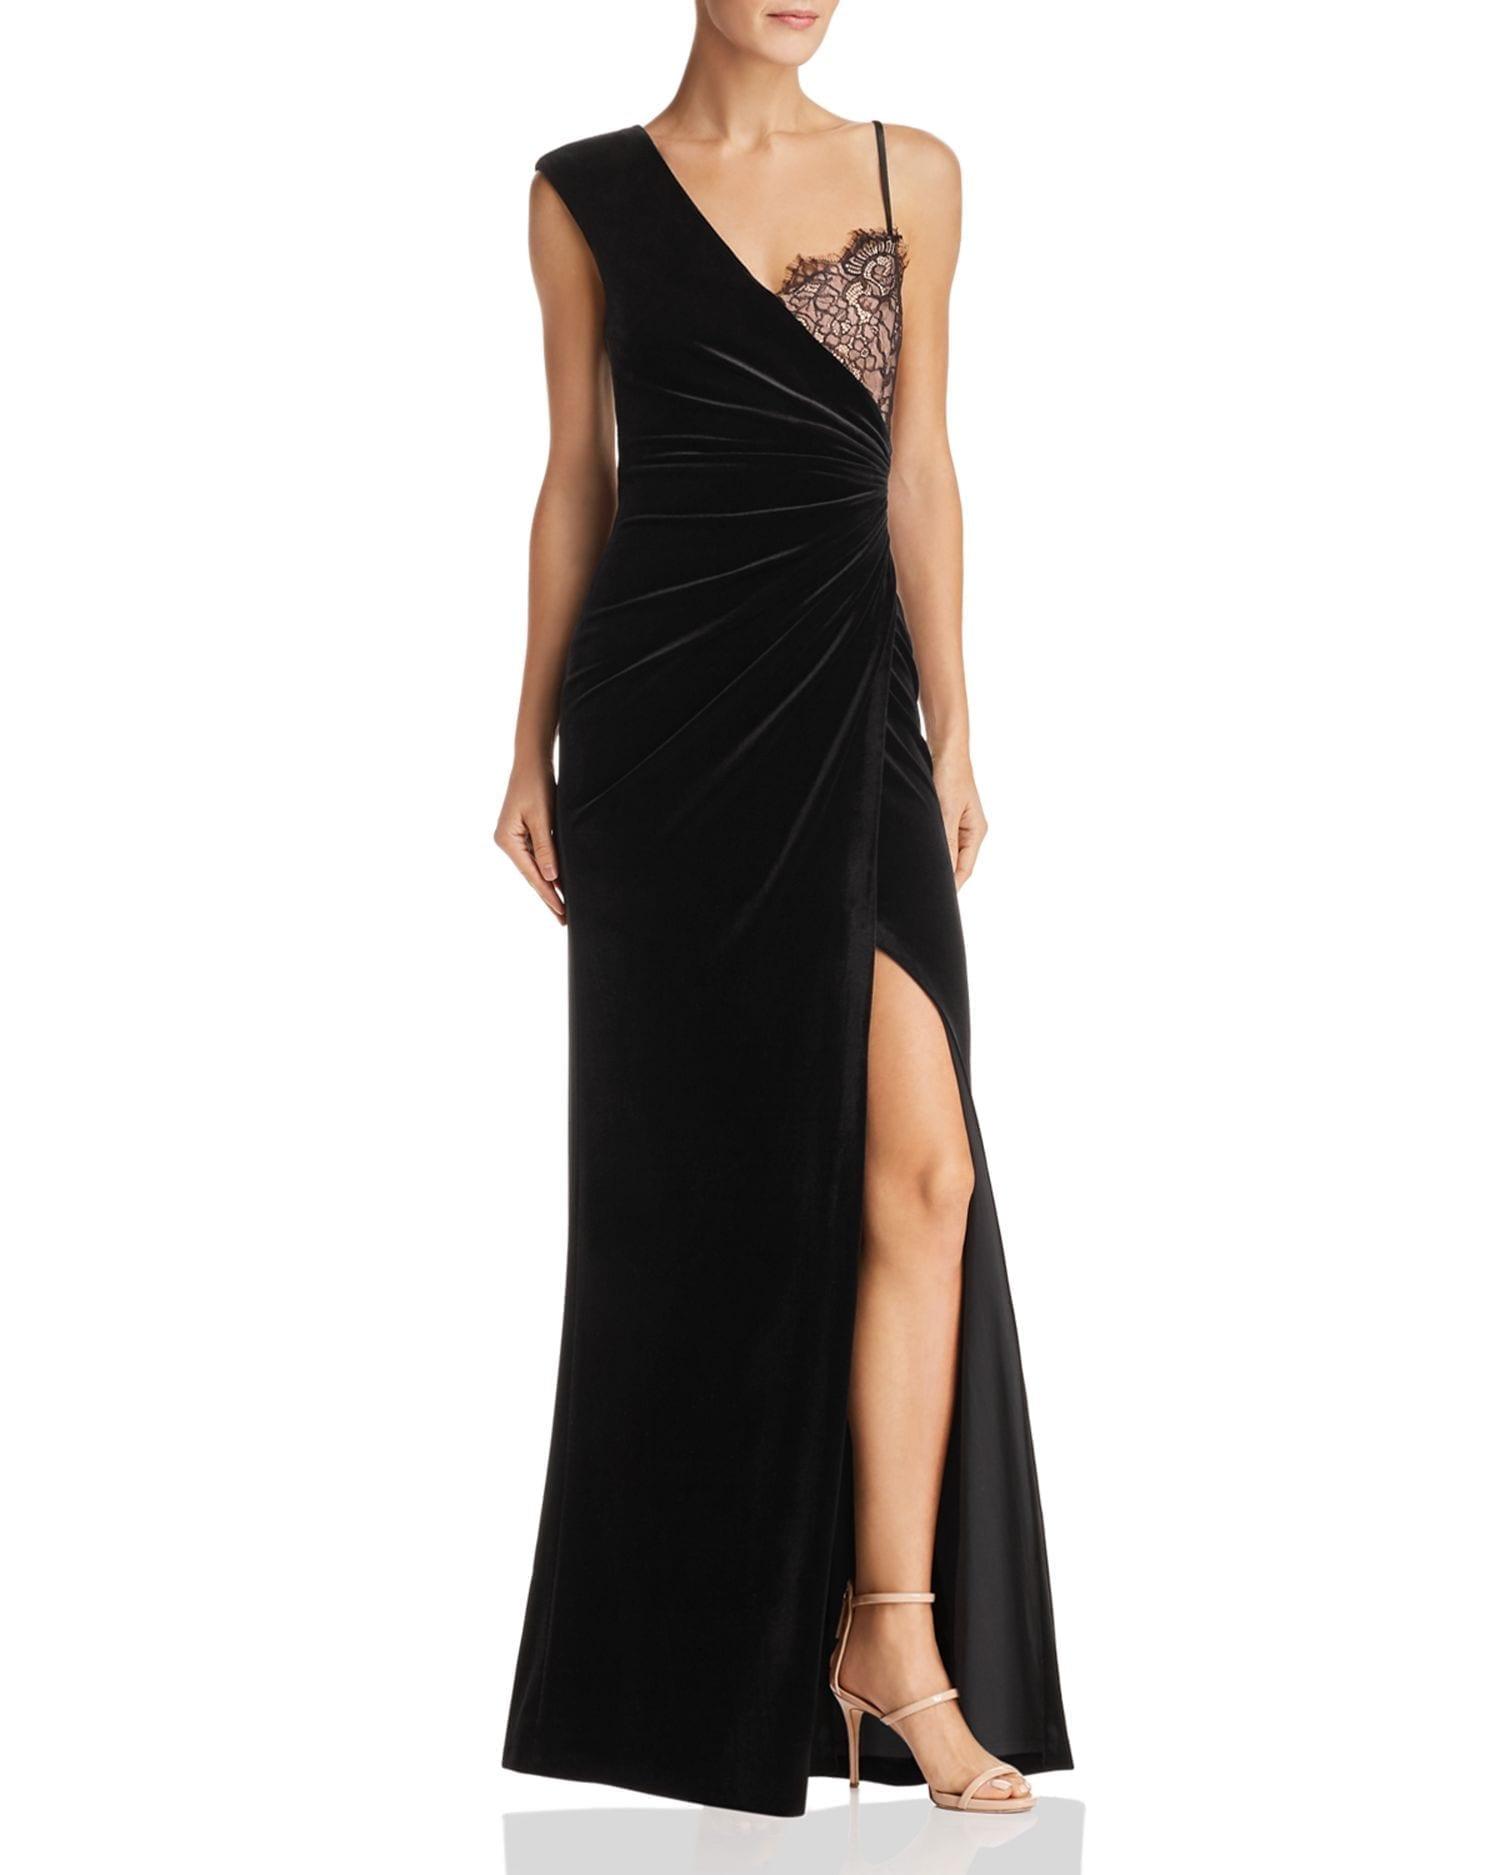 BCBGMAXAZRIA Asymmetric Velvet Black Gown